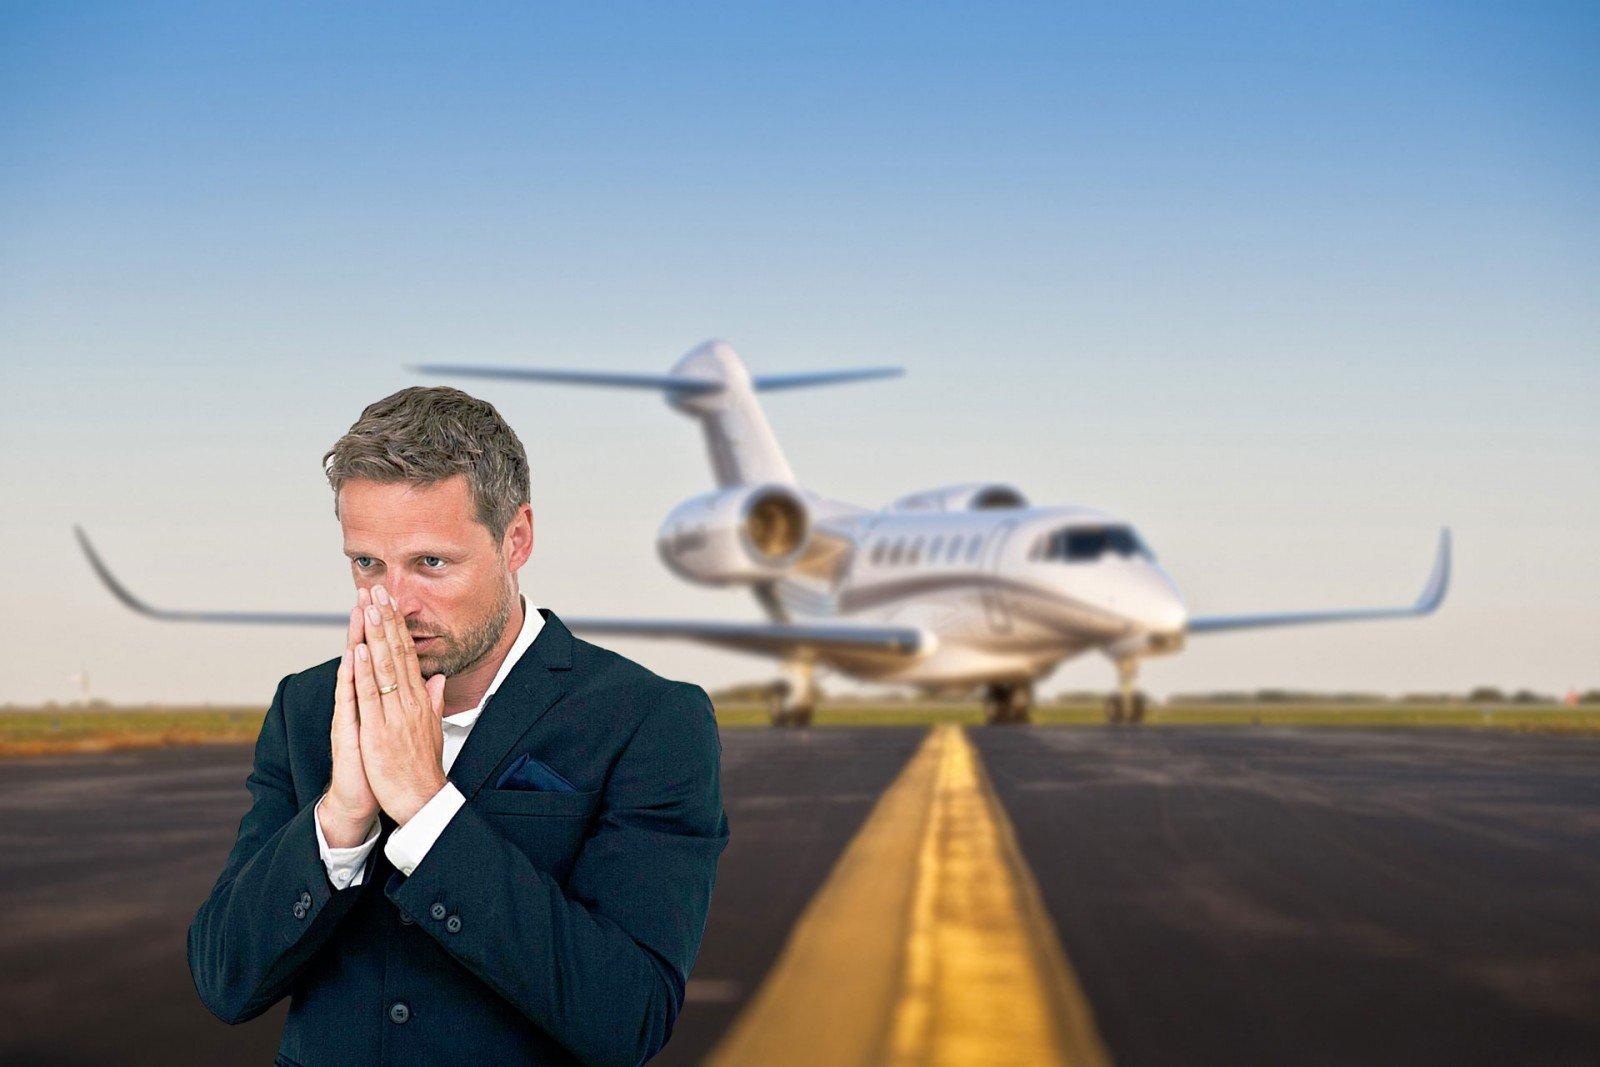 Человек боится лететь на самолете